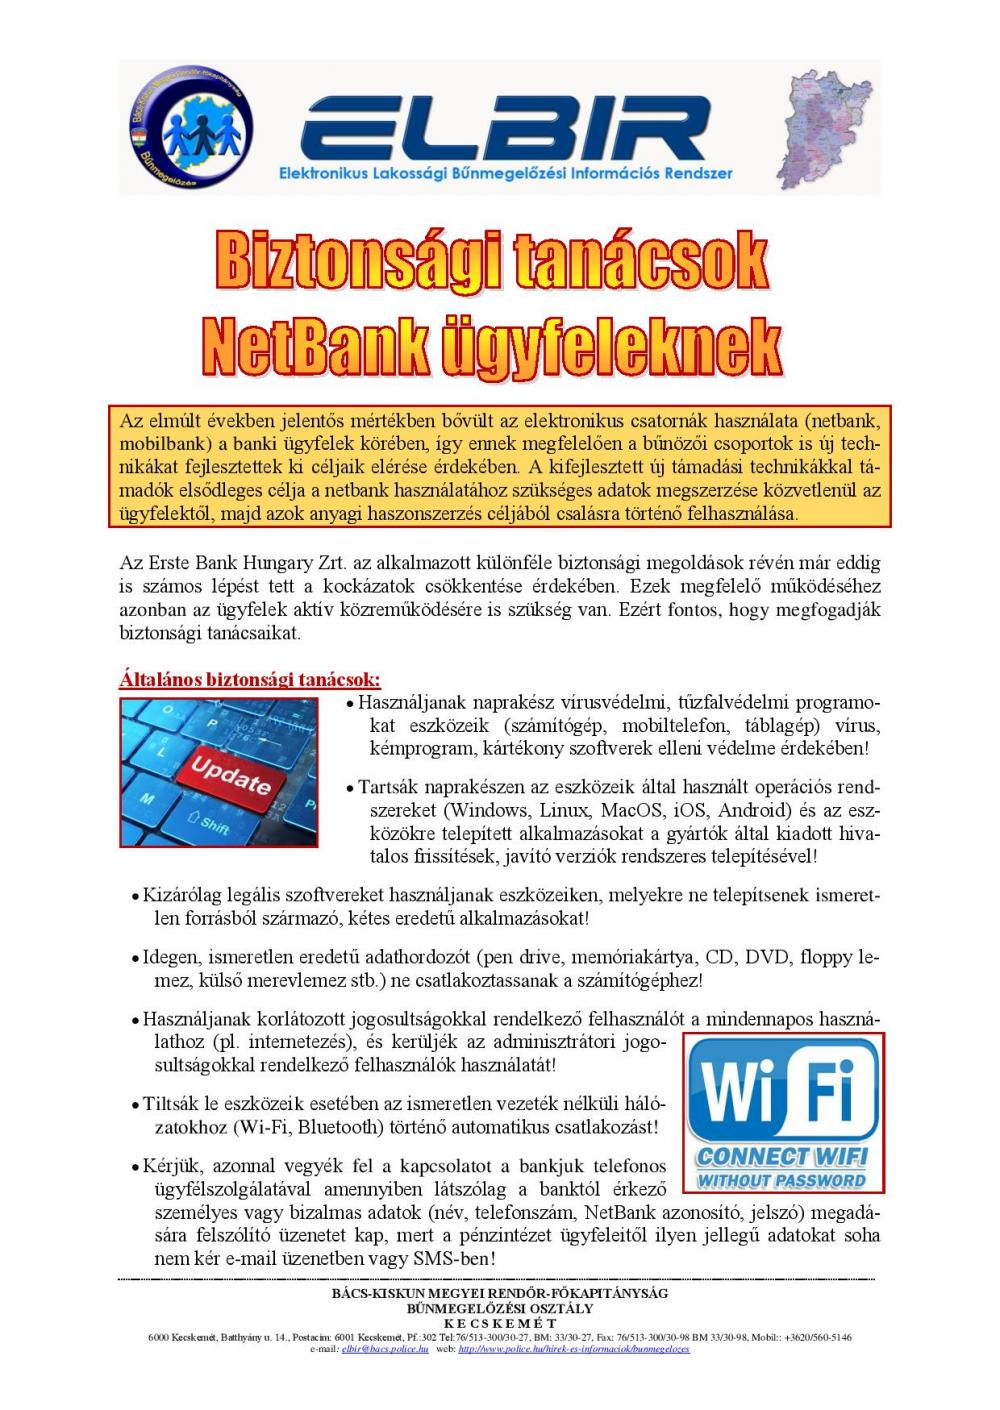 Biztonsági tanácsok NetBank ügyfeleknek